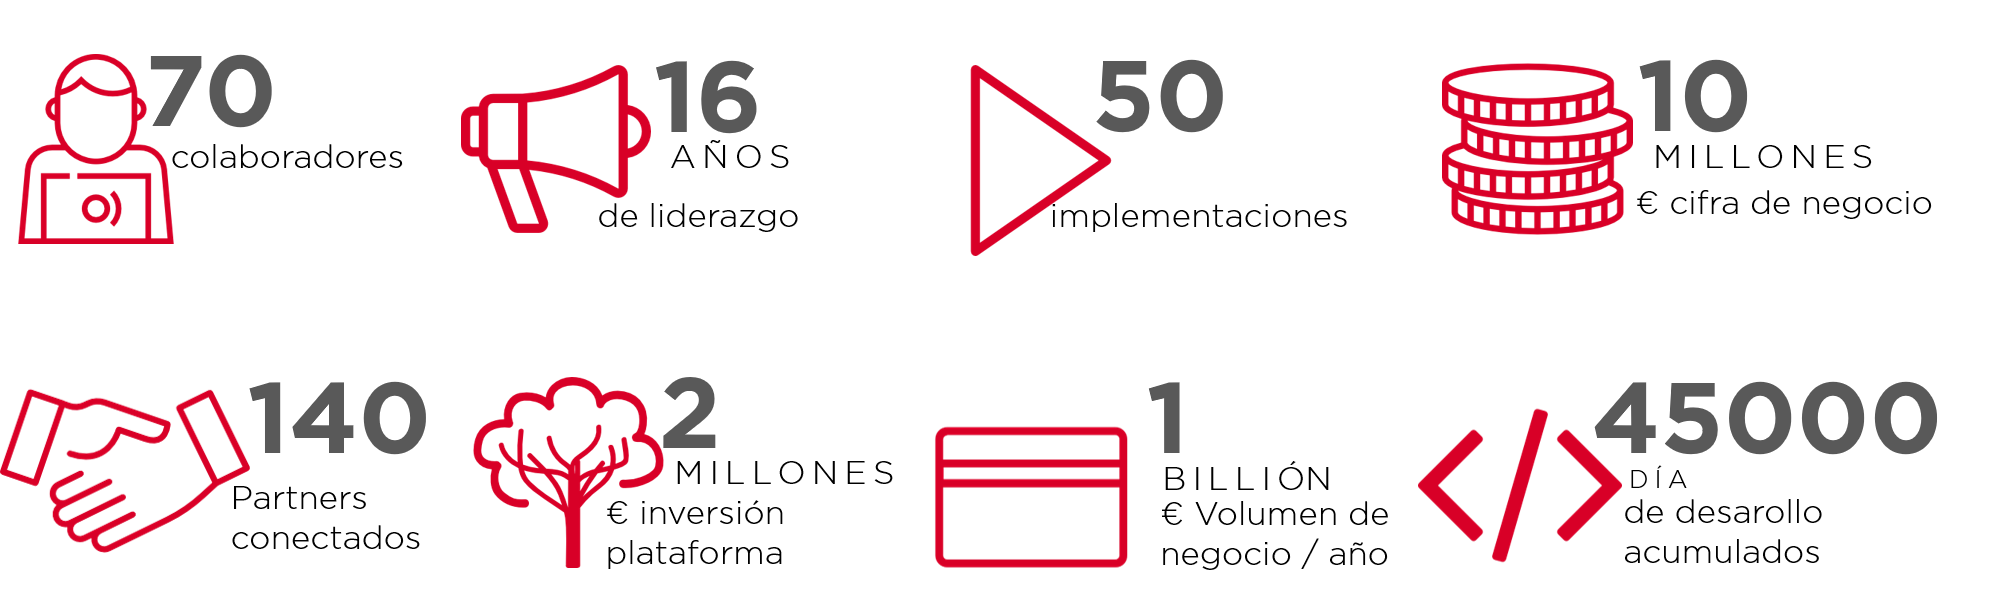 colaboradores, liderzago, partners conectados, cifra de negocio, inversion, implementacioness, volumen de negocio, dia de desarollo